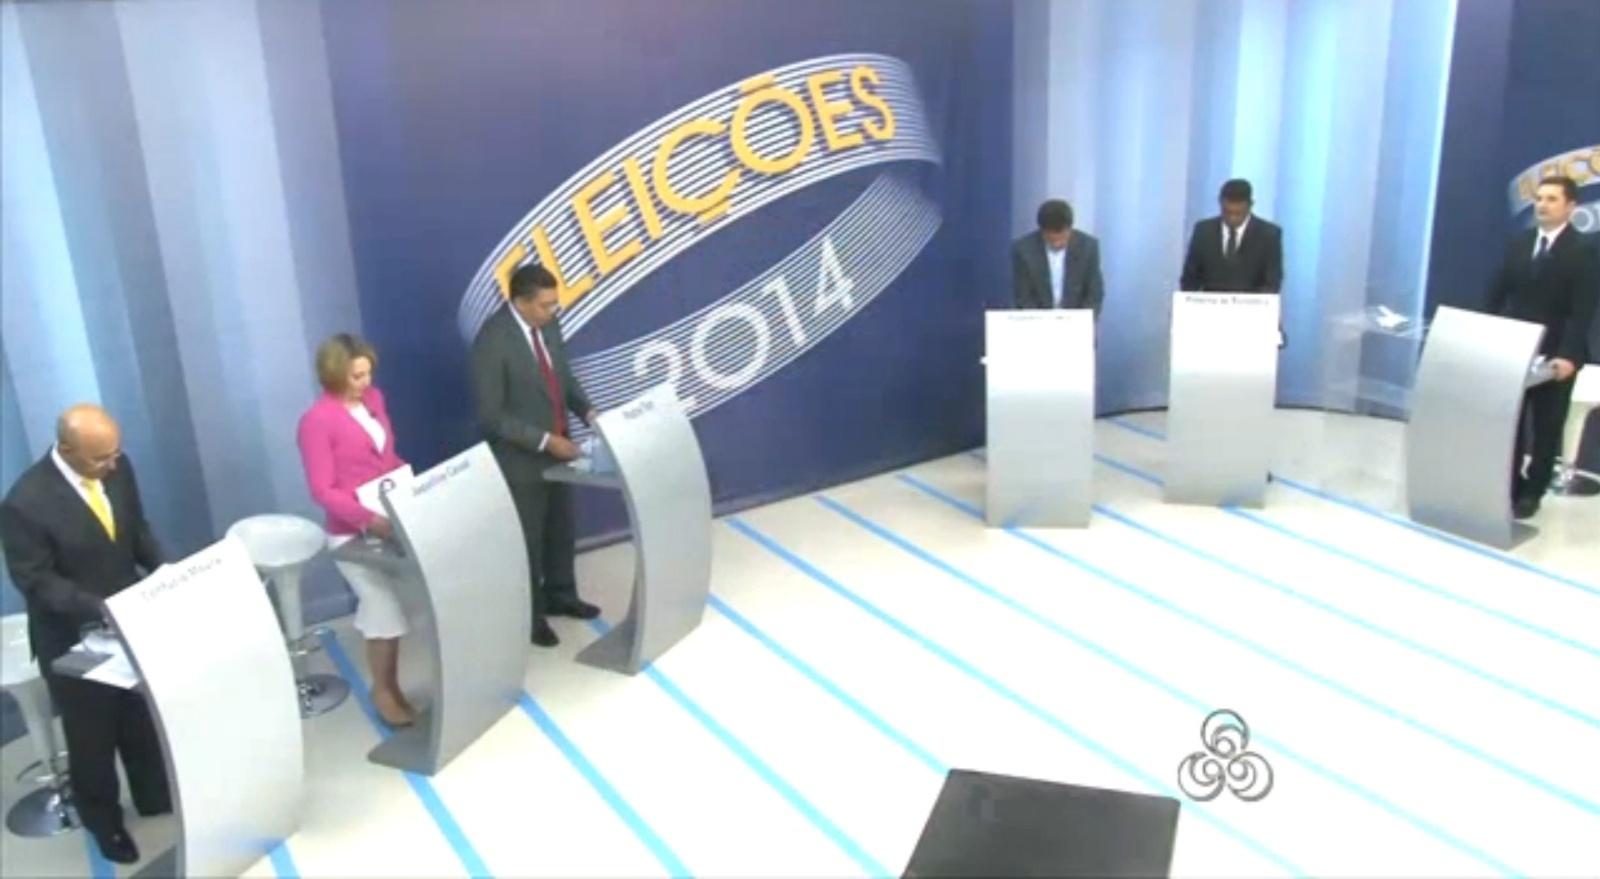 30.set.2014 - Candidatos ao governo de Rondônia participaram de debate realizado pela TV Rondônia, afiliada da Rede Globo, nesta terça-feira (30). Debateram Confúcio Moura (PMDB), Expedito Júnior (PSDB), Jaqueline Cassol (PR), Padre Ton (PT) e Pimenta de Rondônia (PSOL)